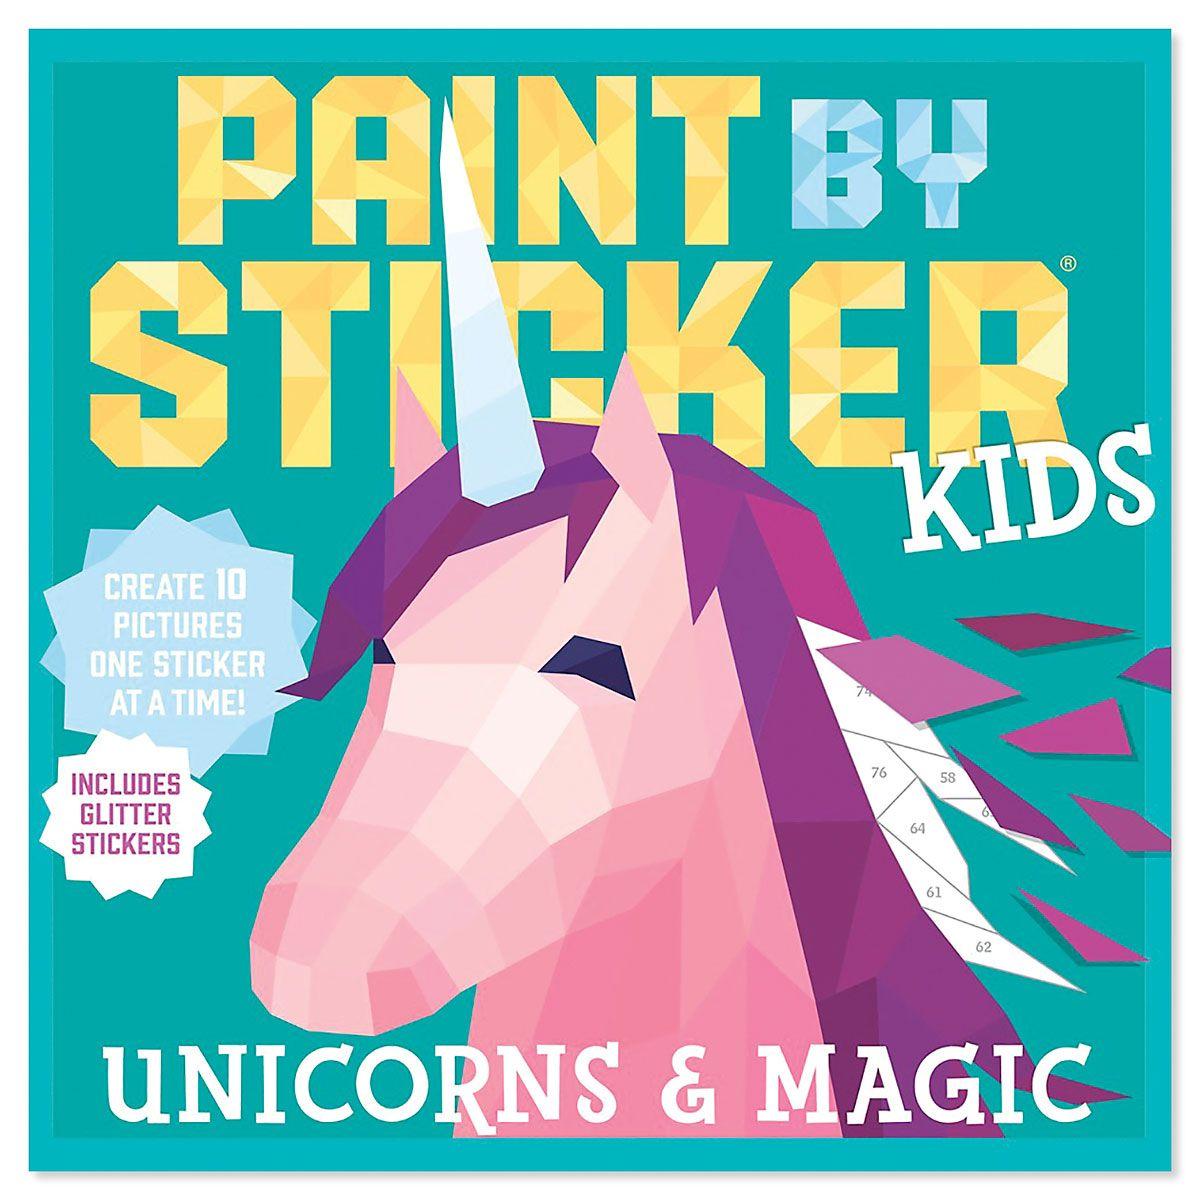 Unicorn Paint by Sticker